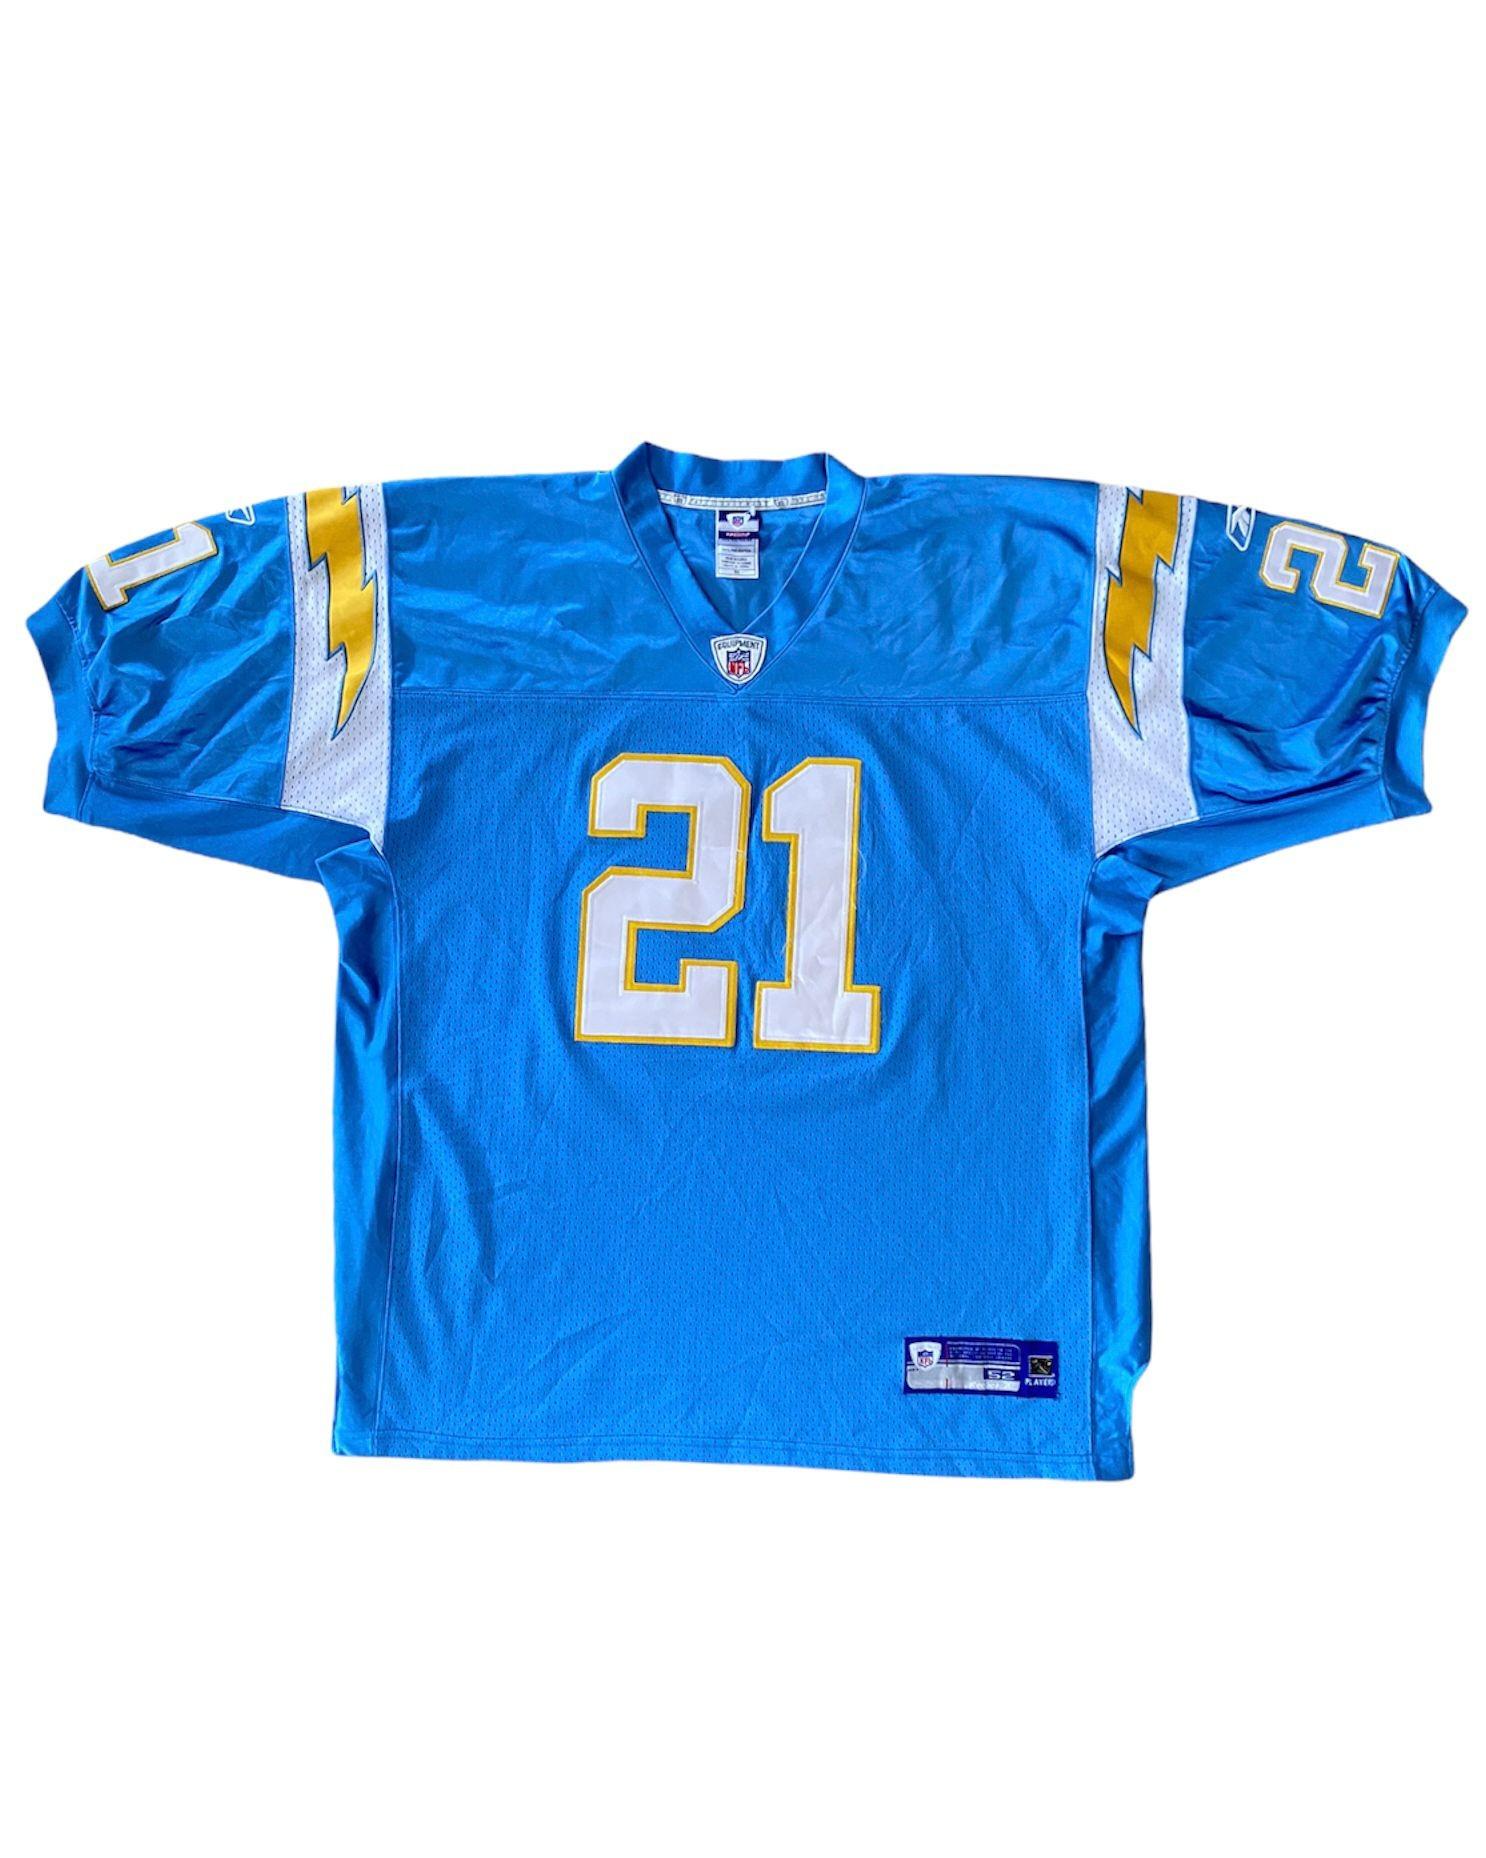 Reebok NFL San Diego Chargers Jersey (XXL)